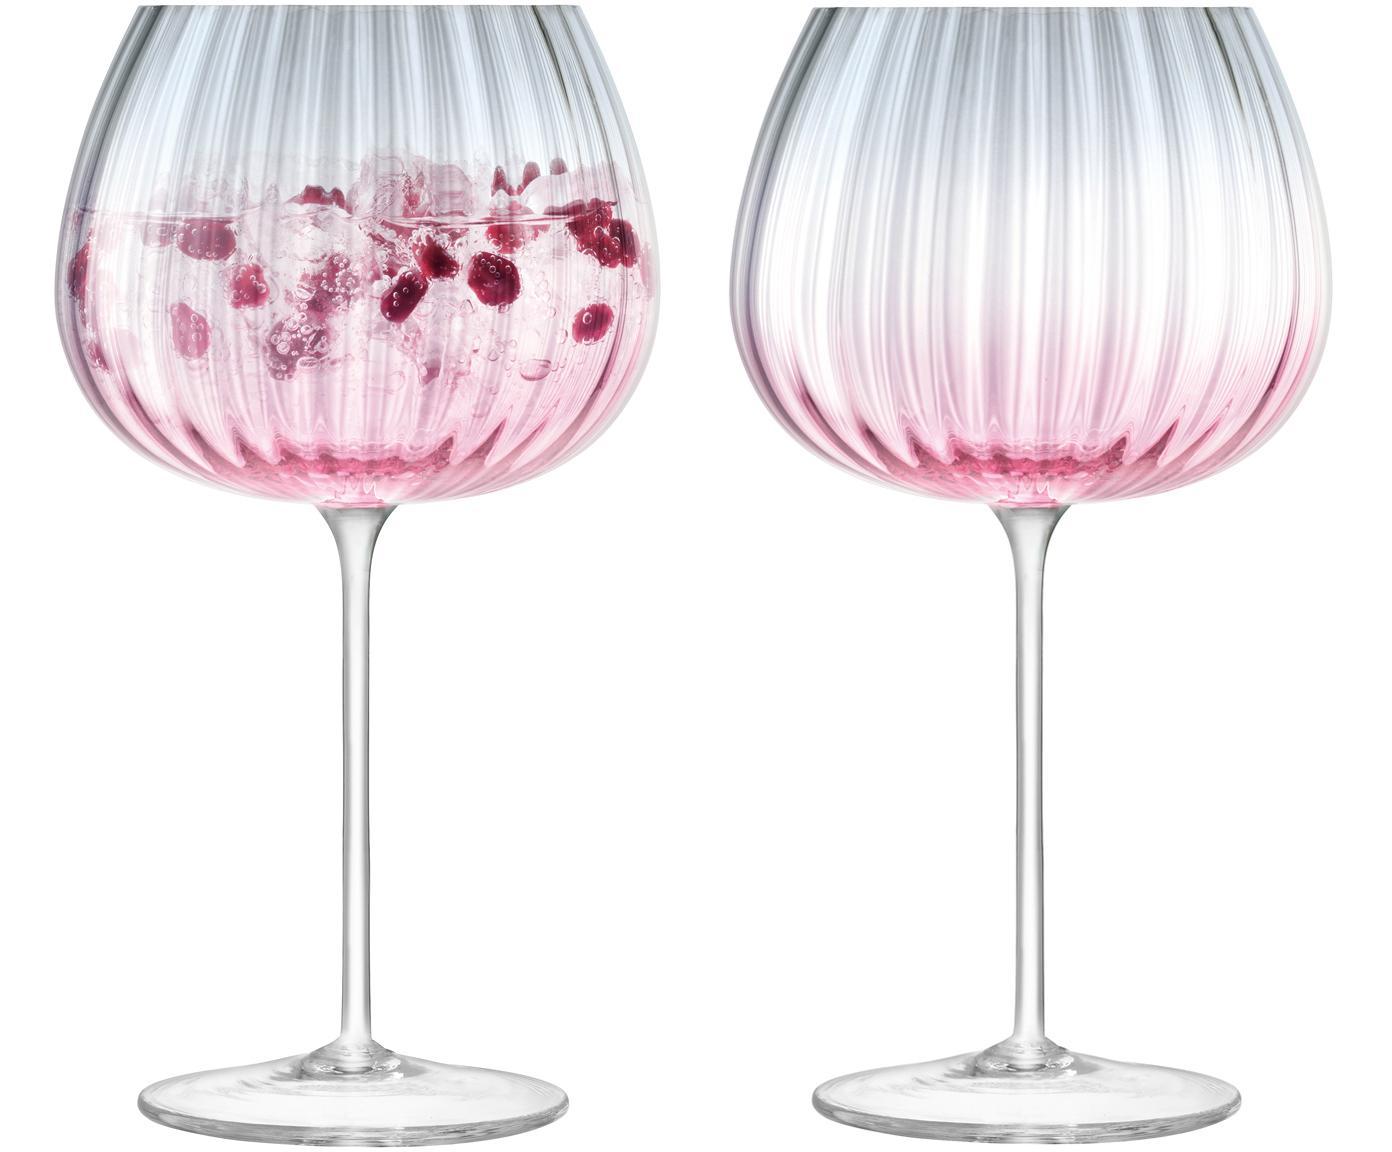 Handgefertigte Weingläser Dusk mit Farbverlauf, 2er-Set, Glas, Rosa, Grau, Ø 10 x H 20 cm